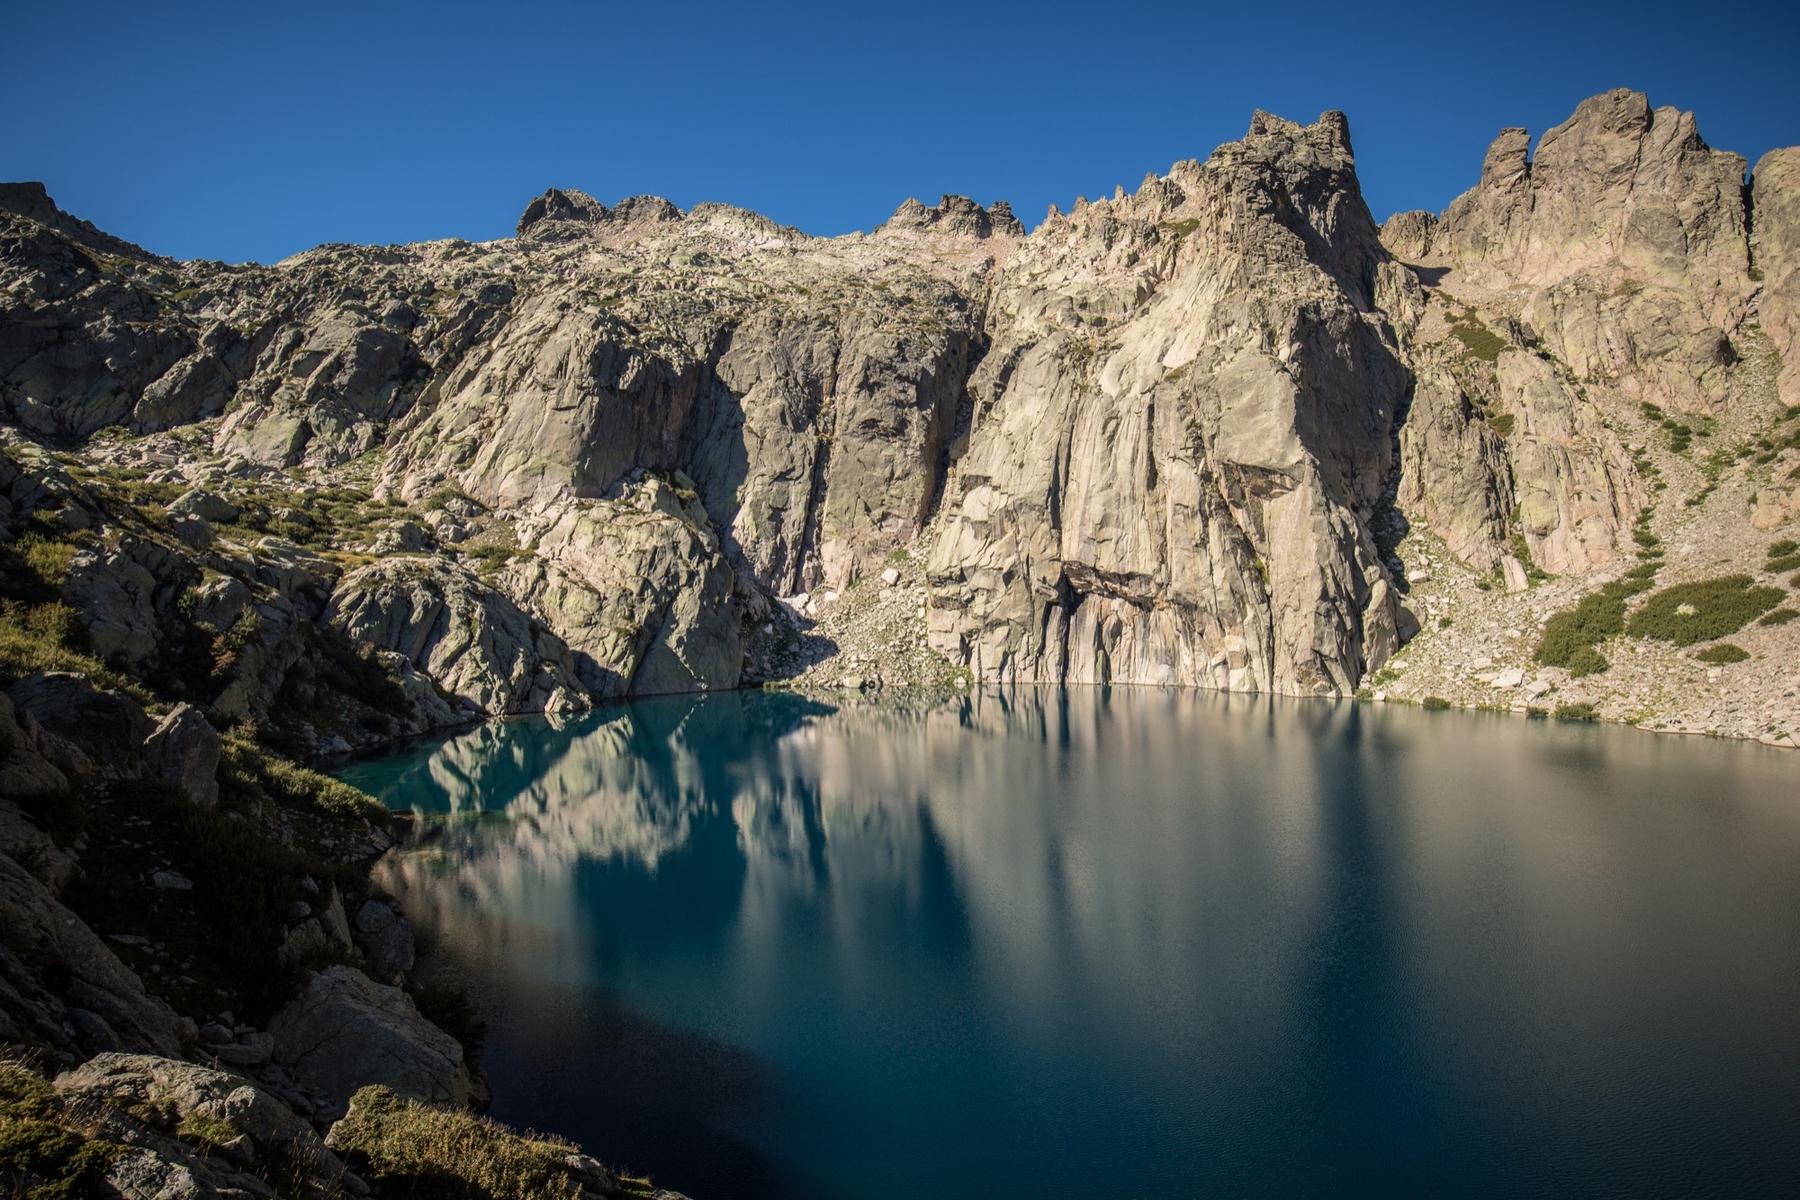 Le lac glaciaire de Capitello.